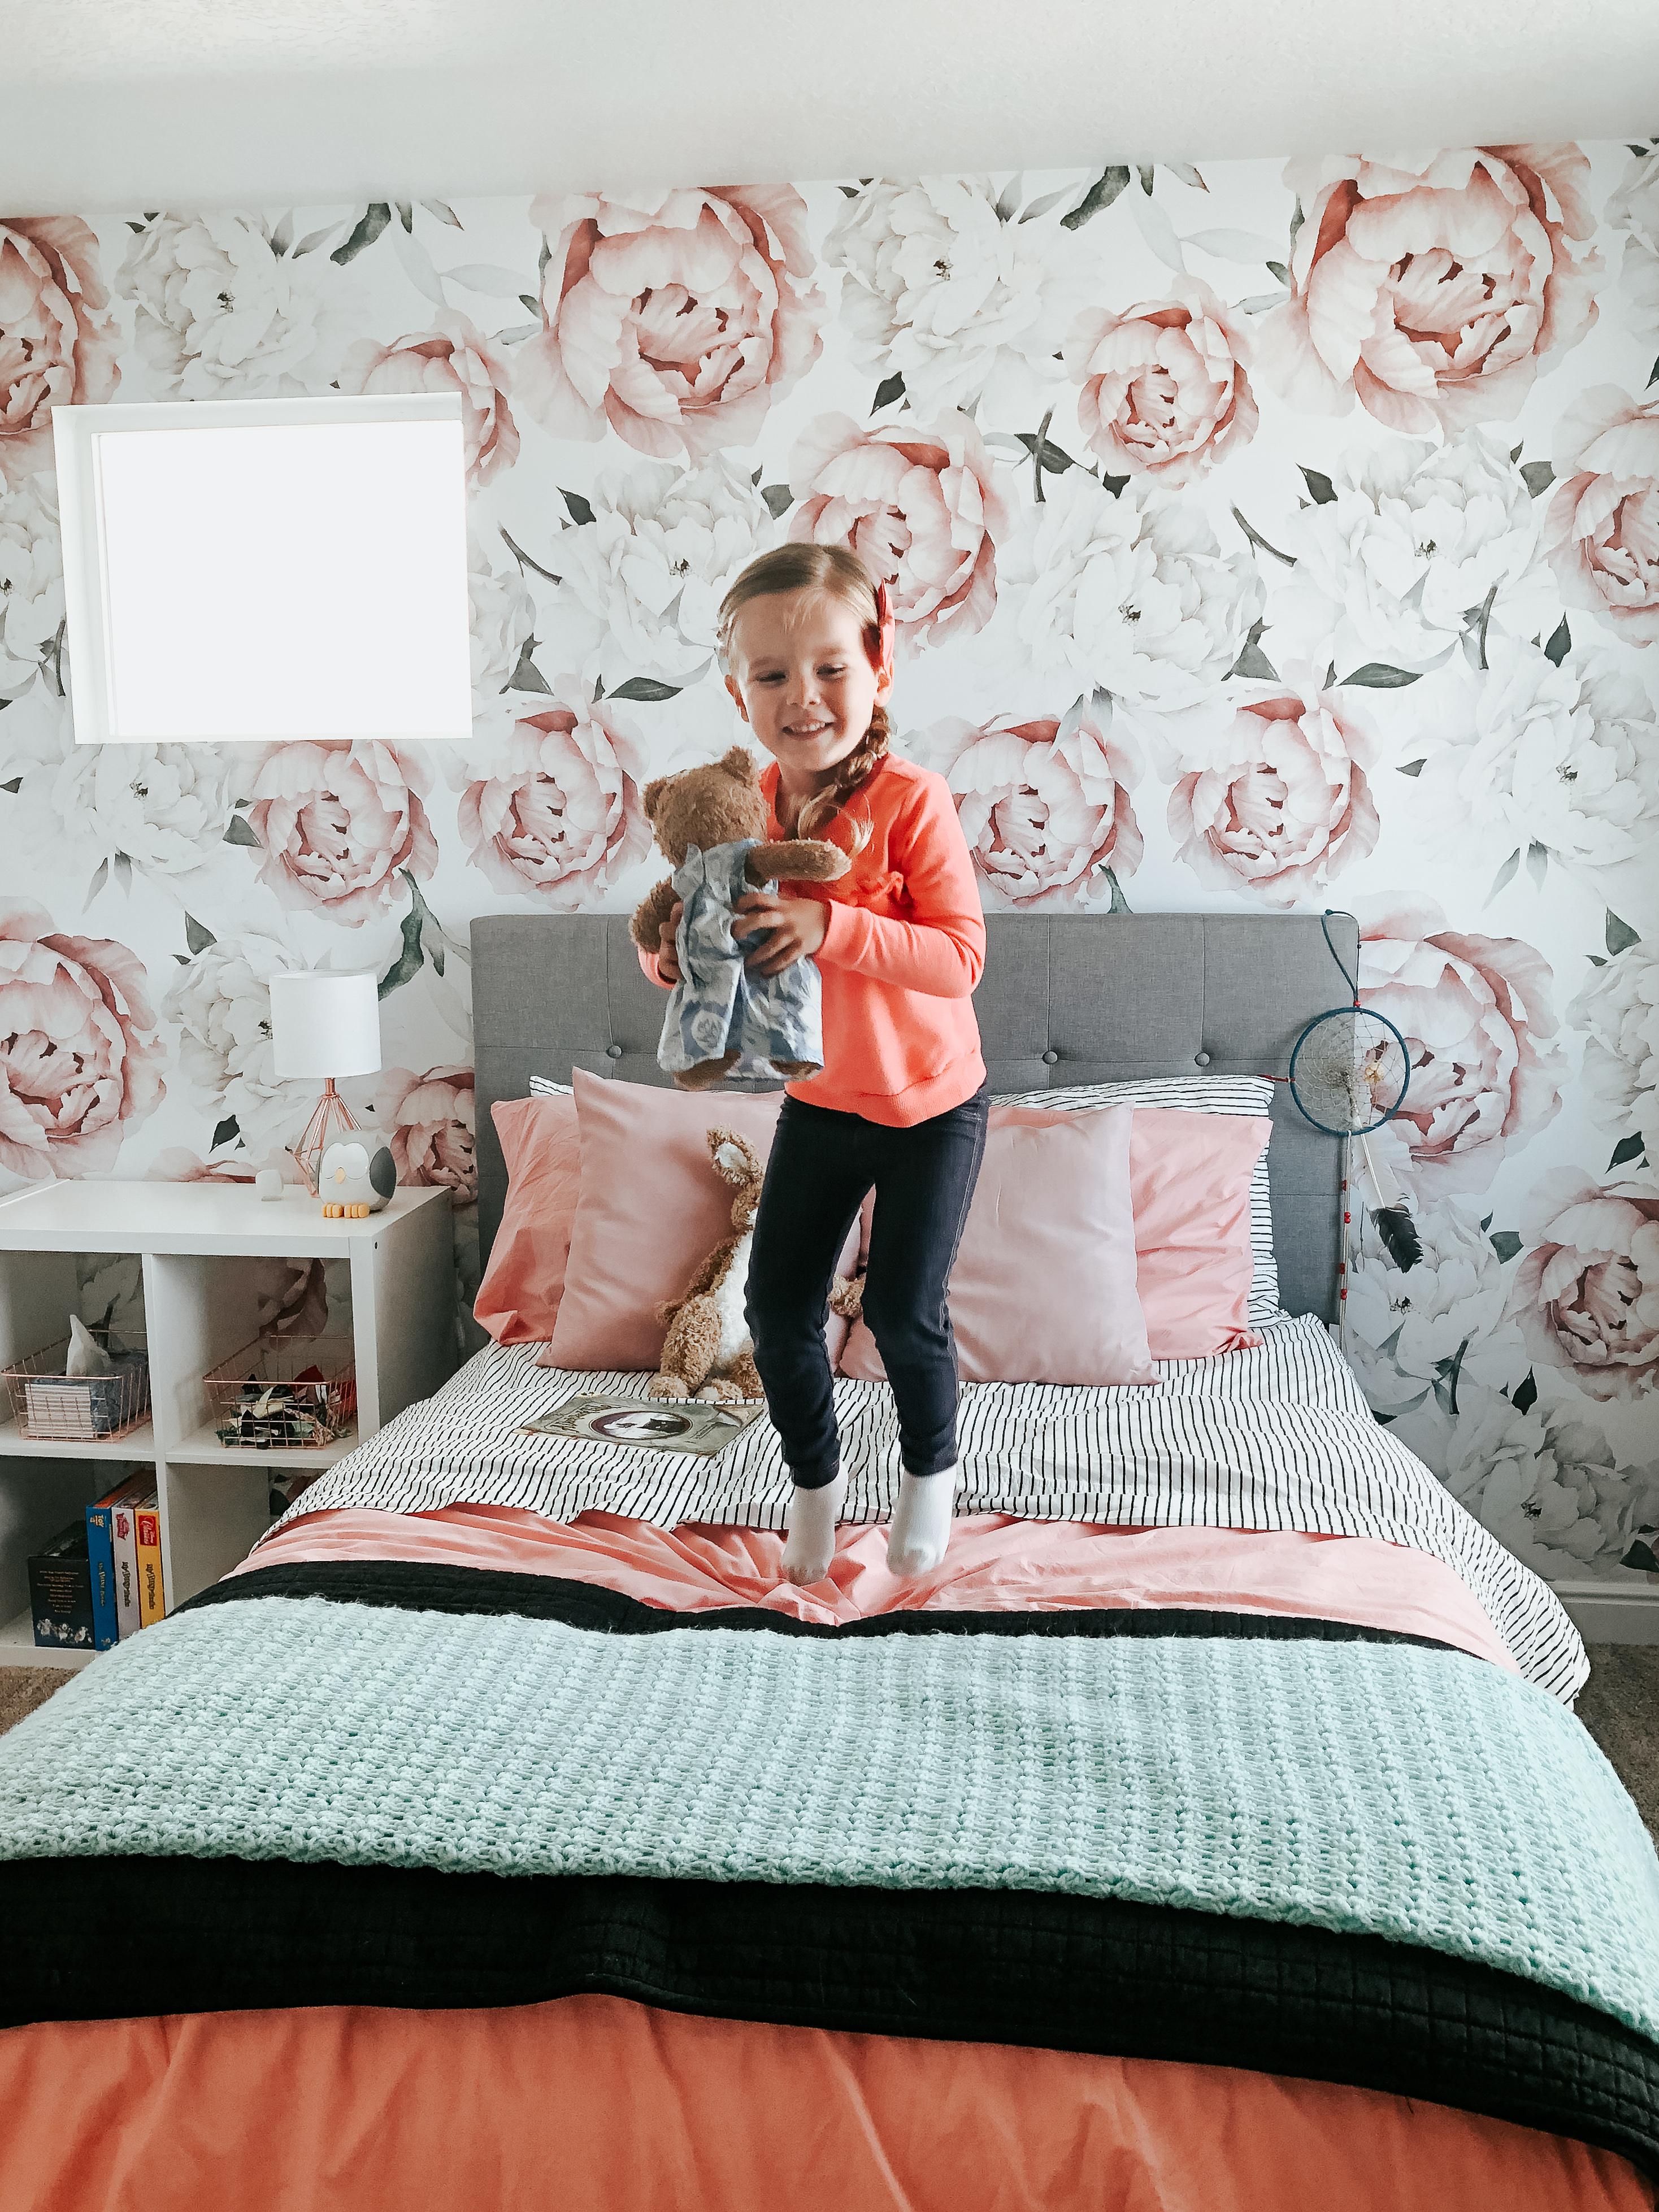 Little girl floral room